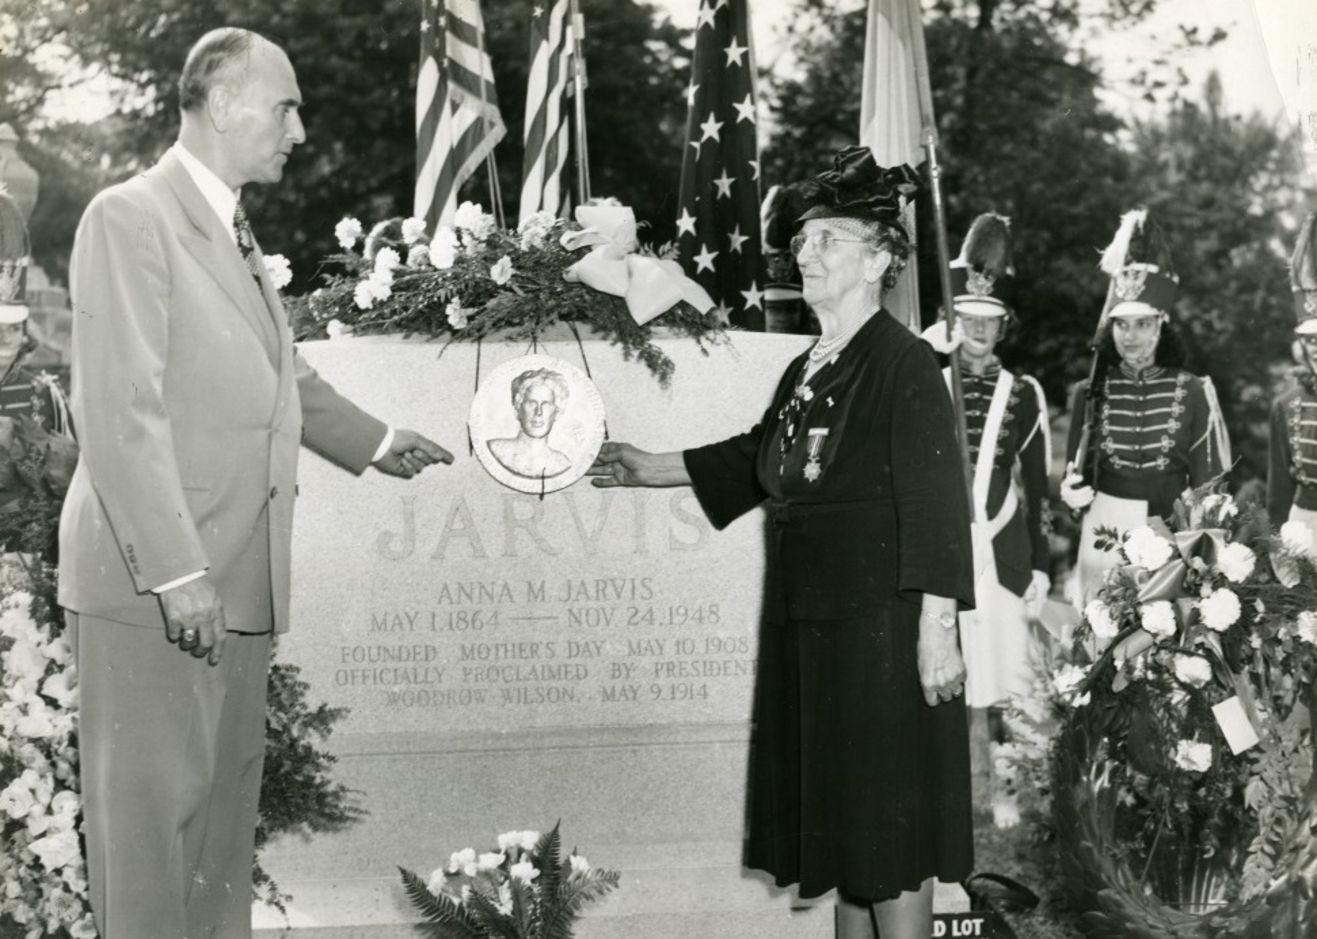 Anneler gününde Anna Jarvis'in mezarı başındaki anma töreni (1949)